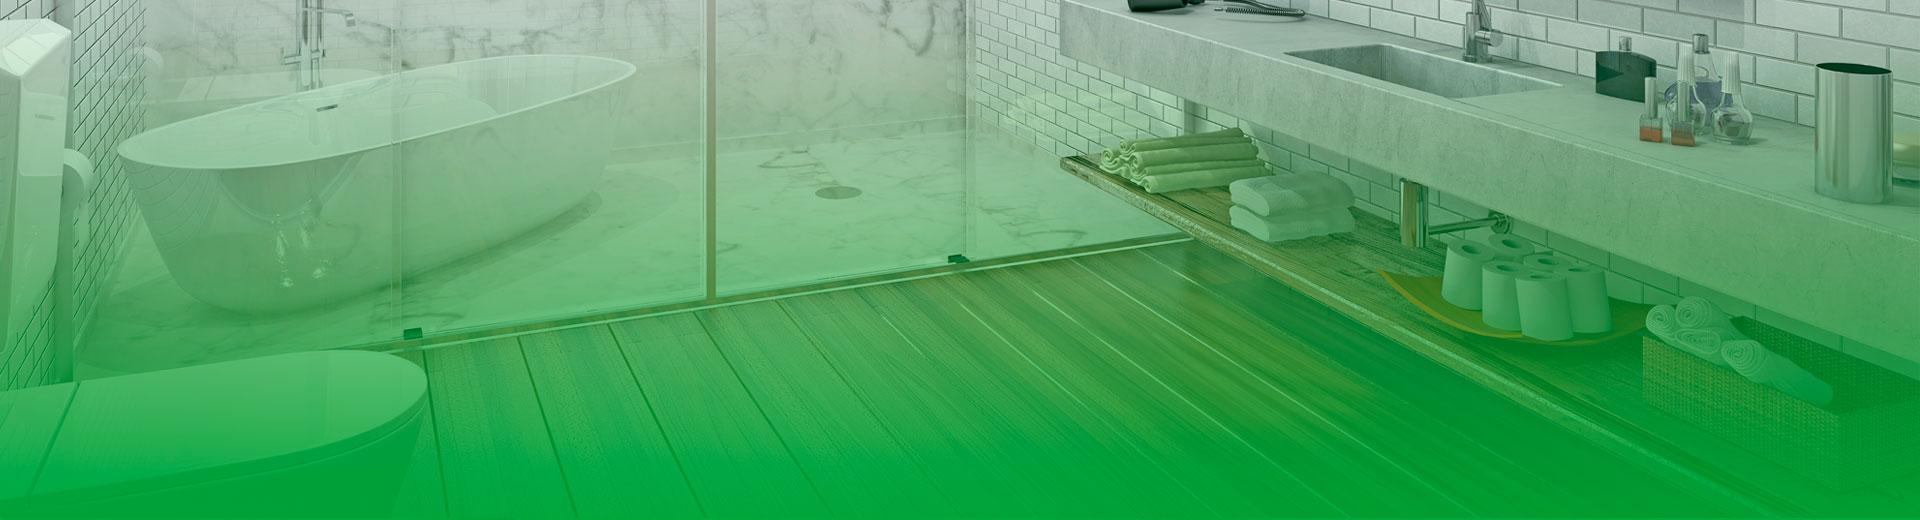 home_developer2_contentslider_1